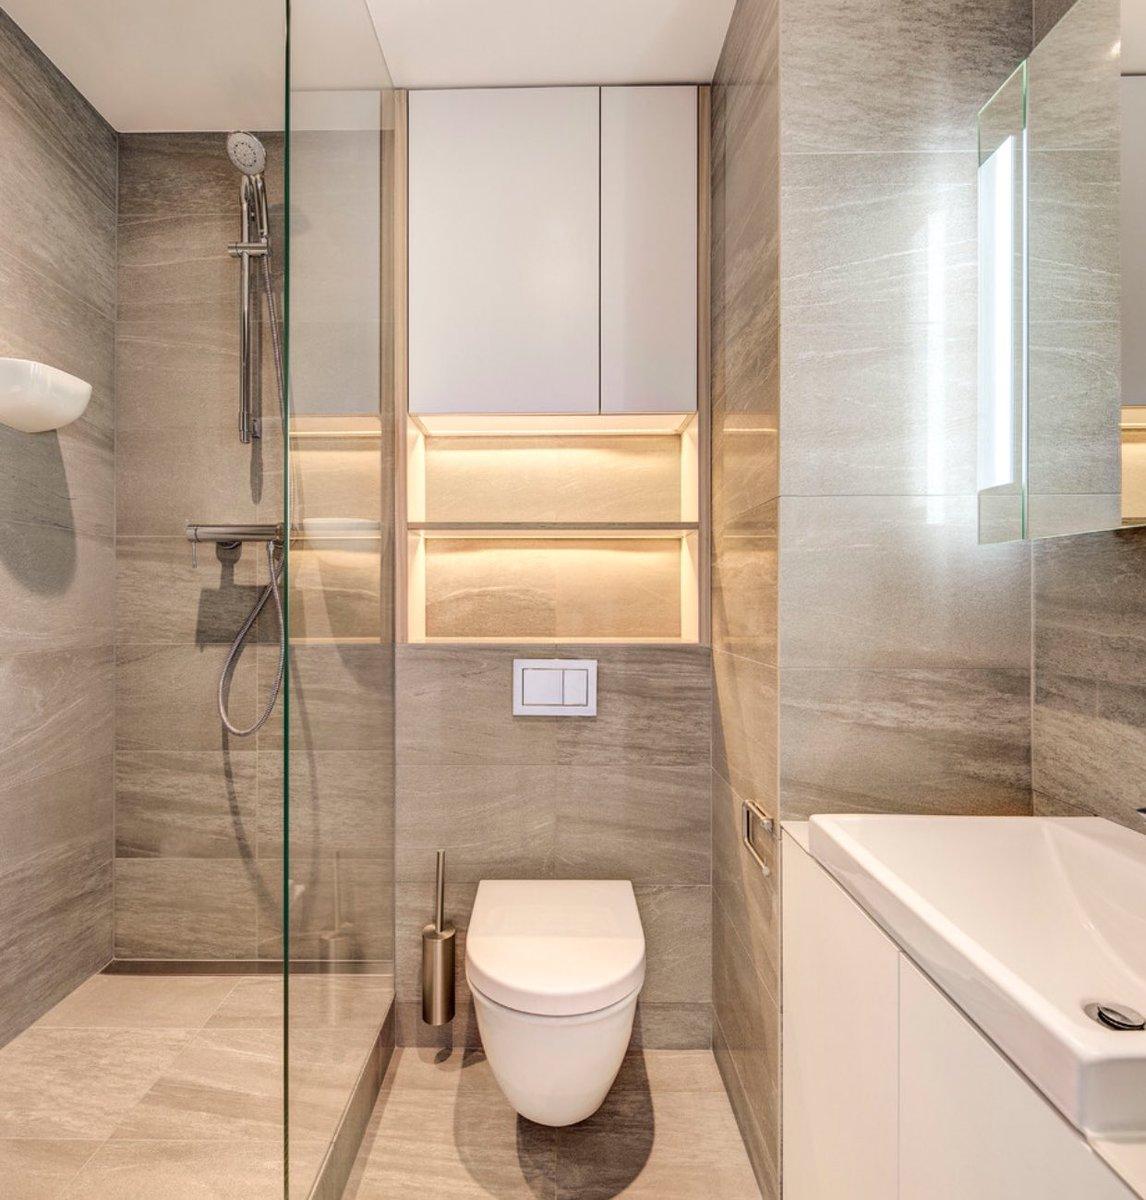 بالصور ديكور حمامات منازل , ديكورات تناسب جميع مساحات الحمامات 3254 9